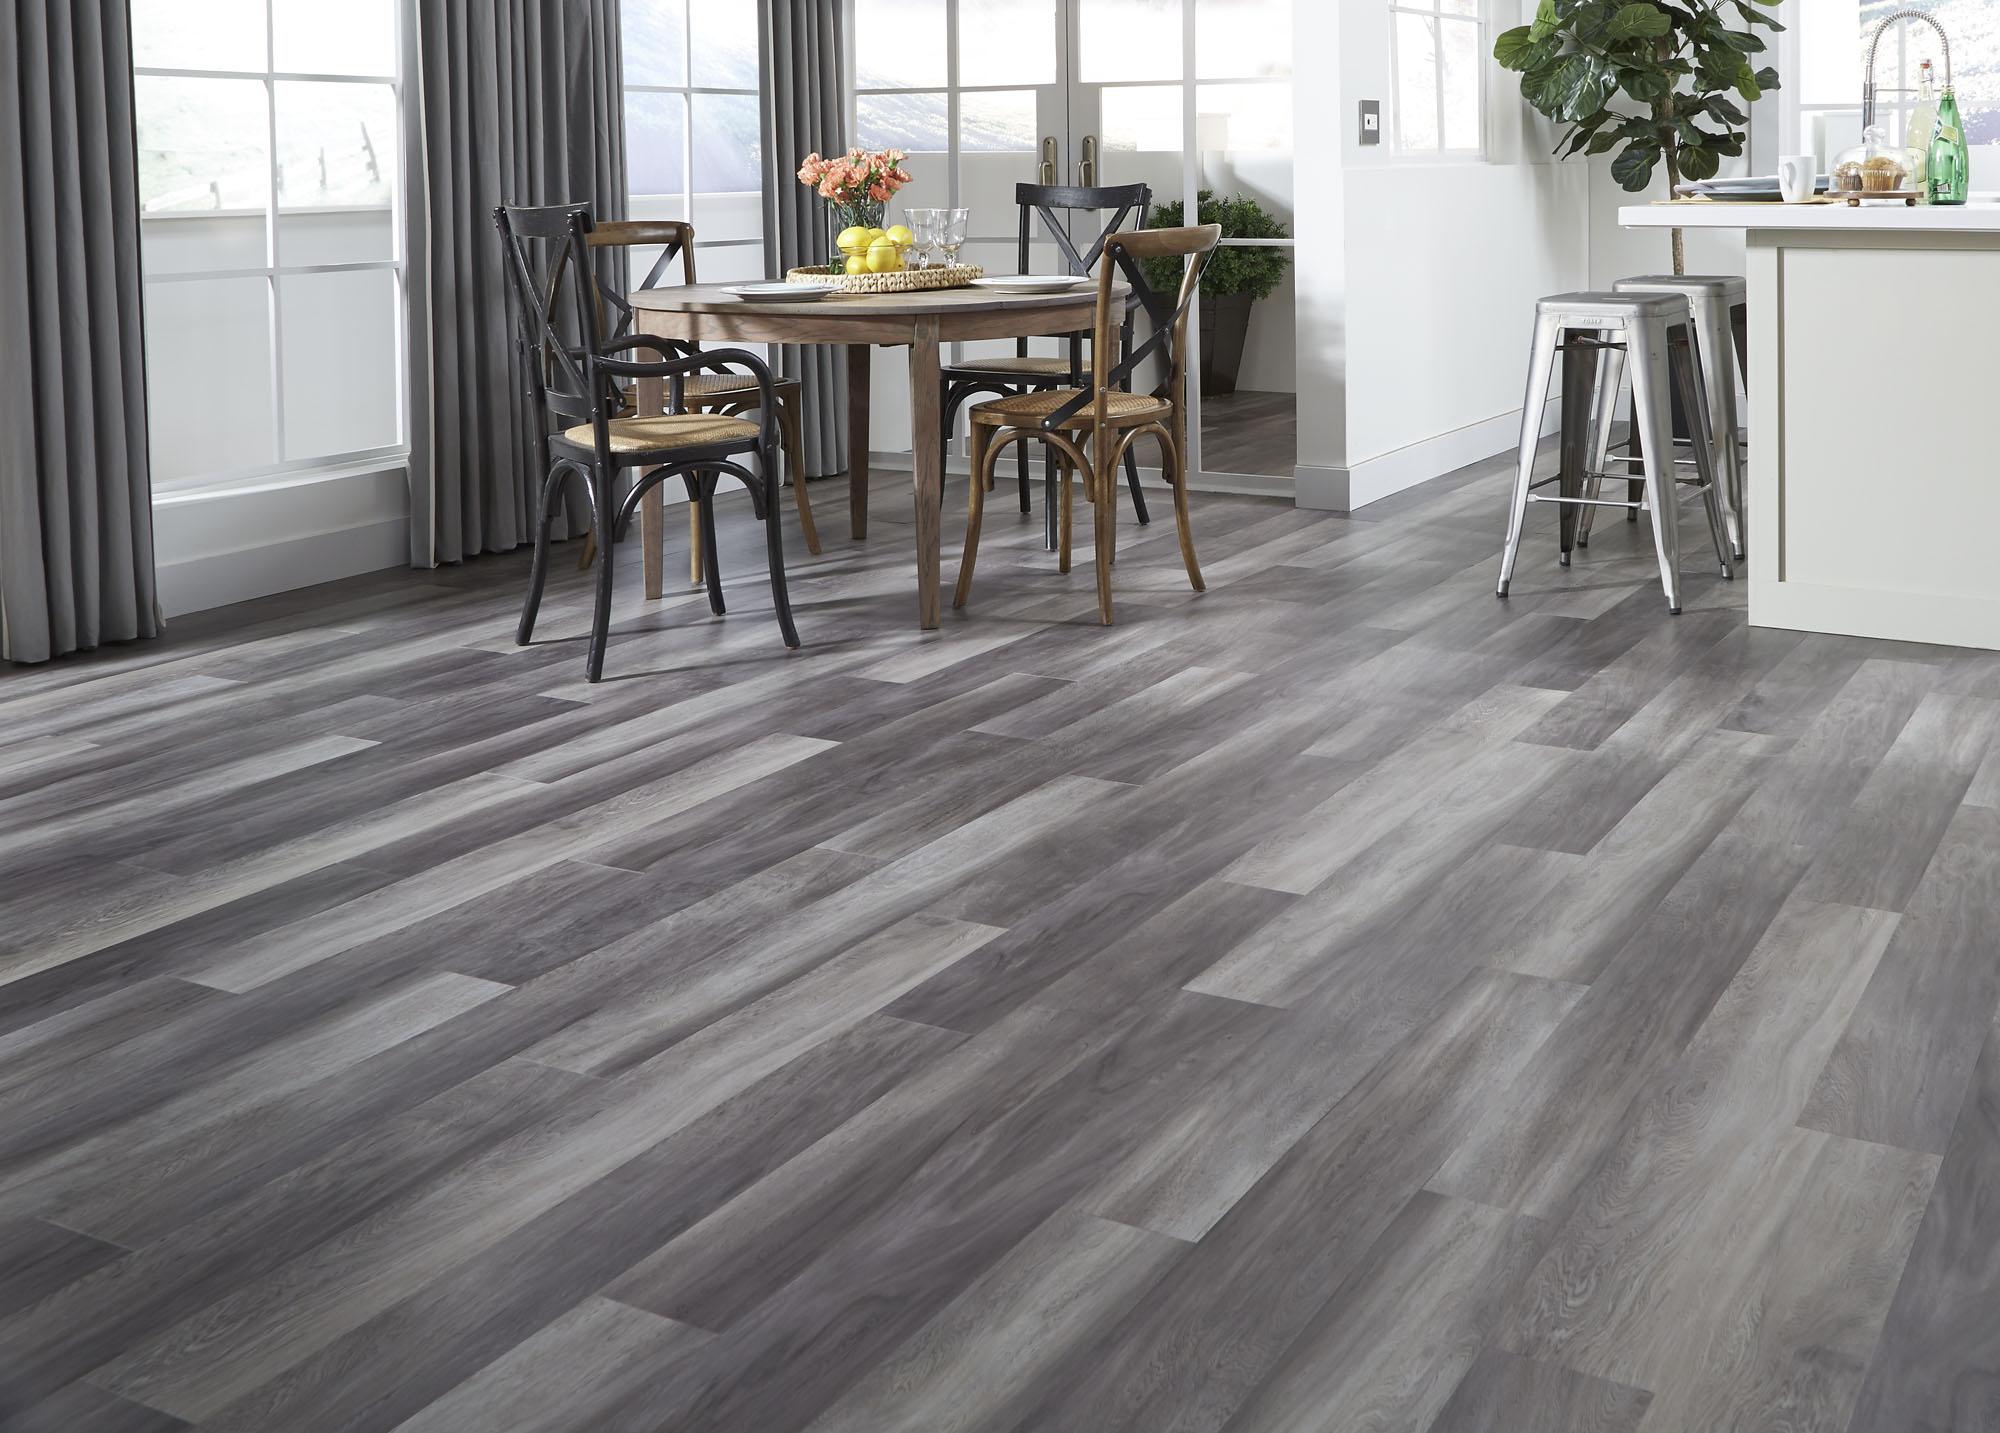 Commercial Vinyl Flooring Hav Carpets